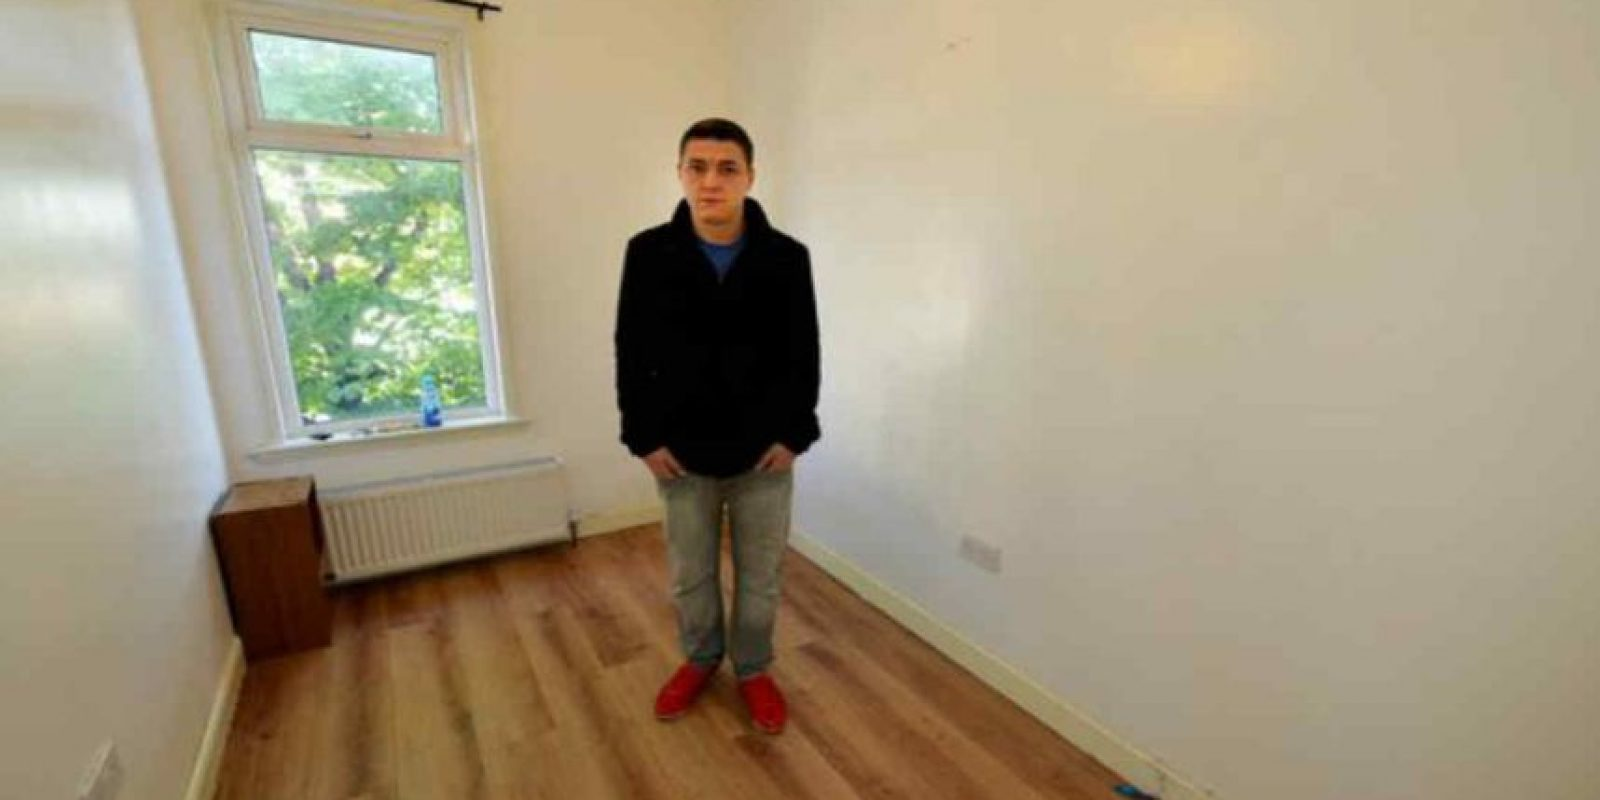 Su casa fue completamente vaciada. Foto:Facebook. Imagen Por: